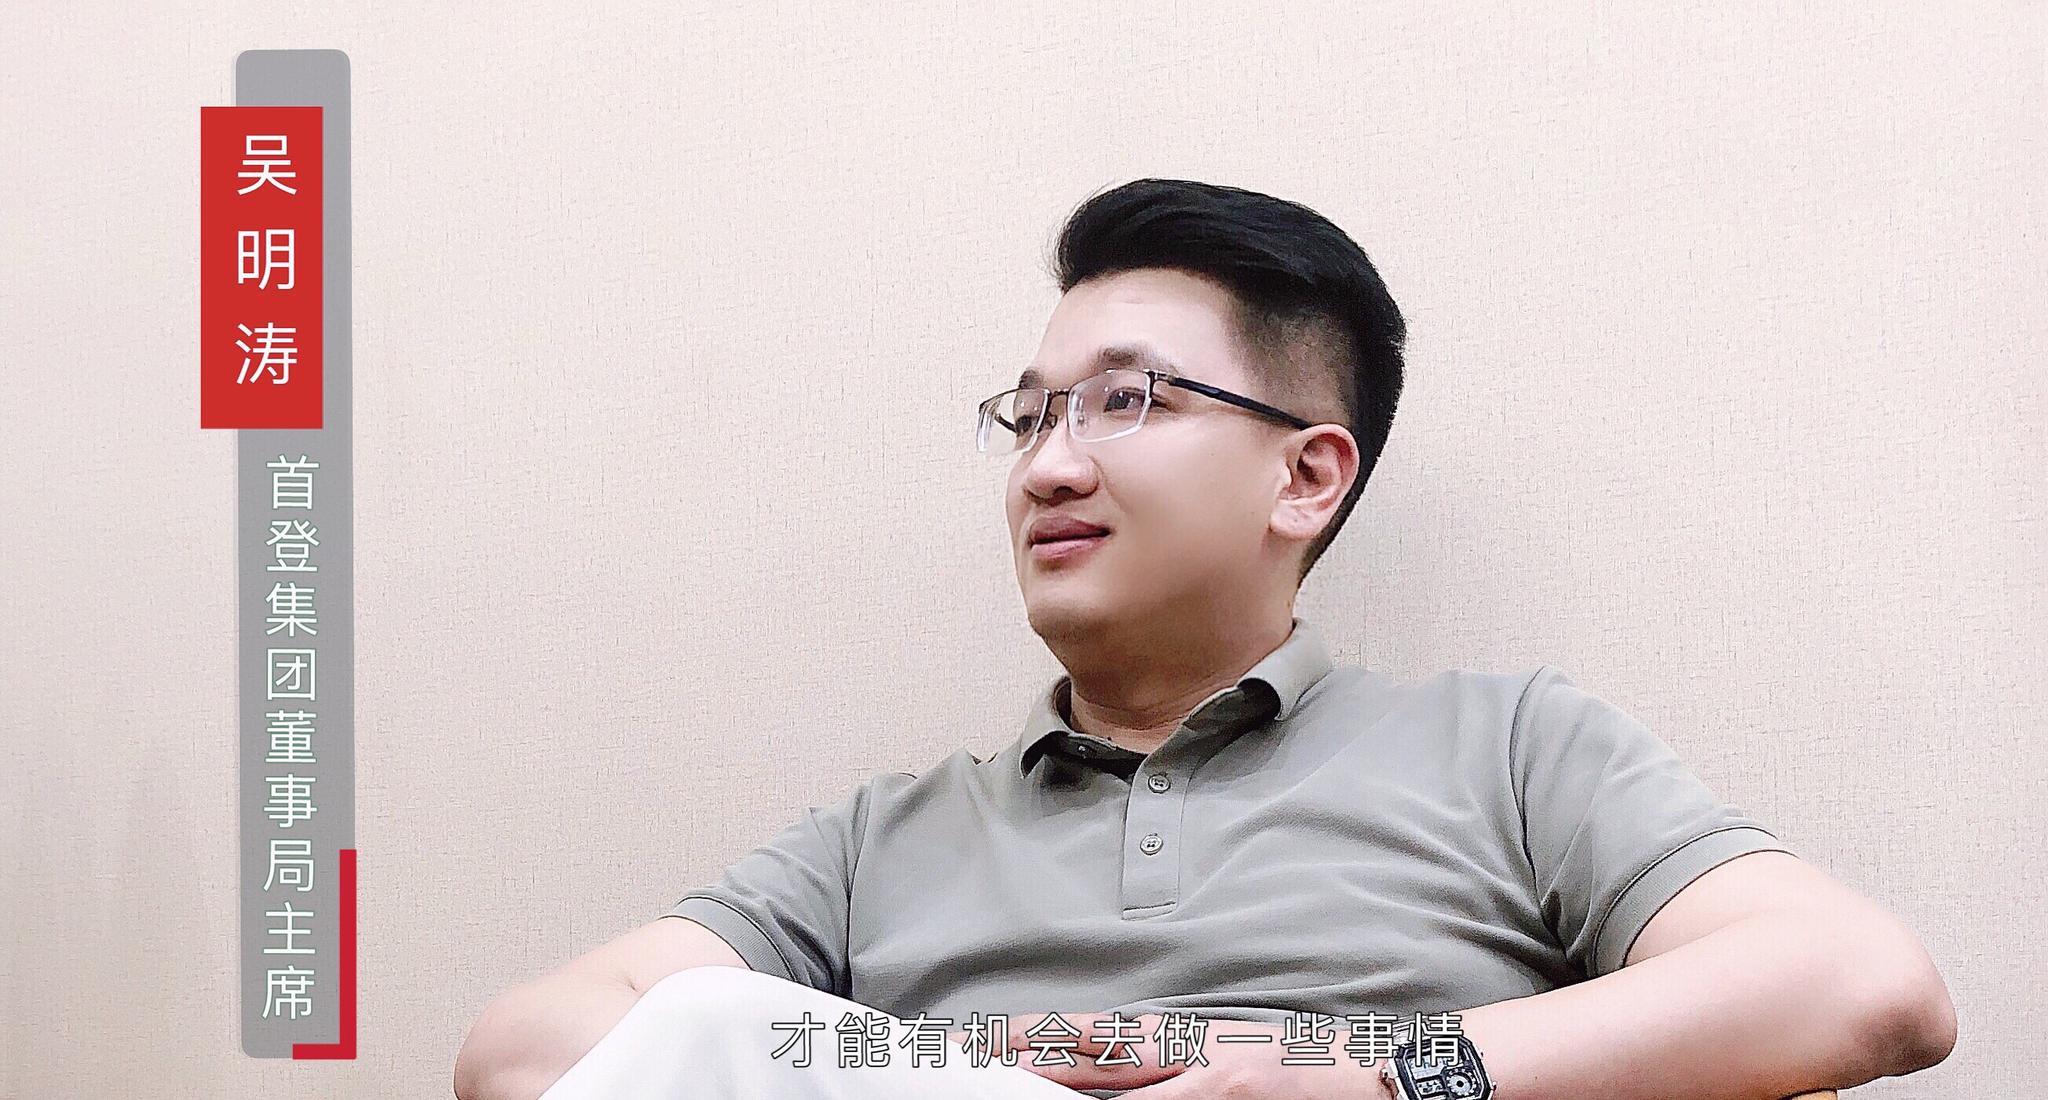 首登集团吴明涛:改革开放没有辜负中国企业家